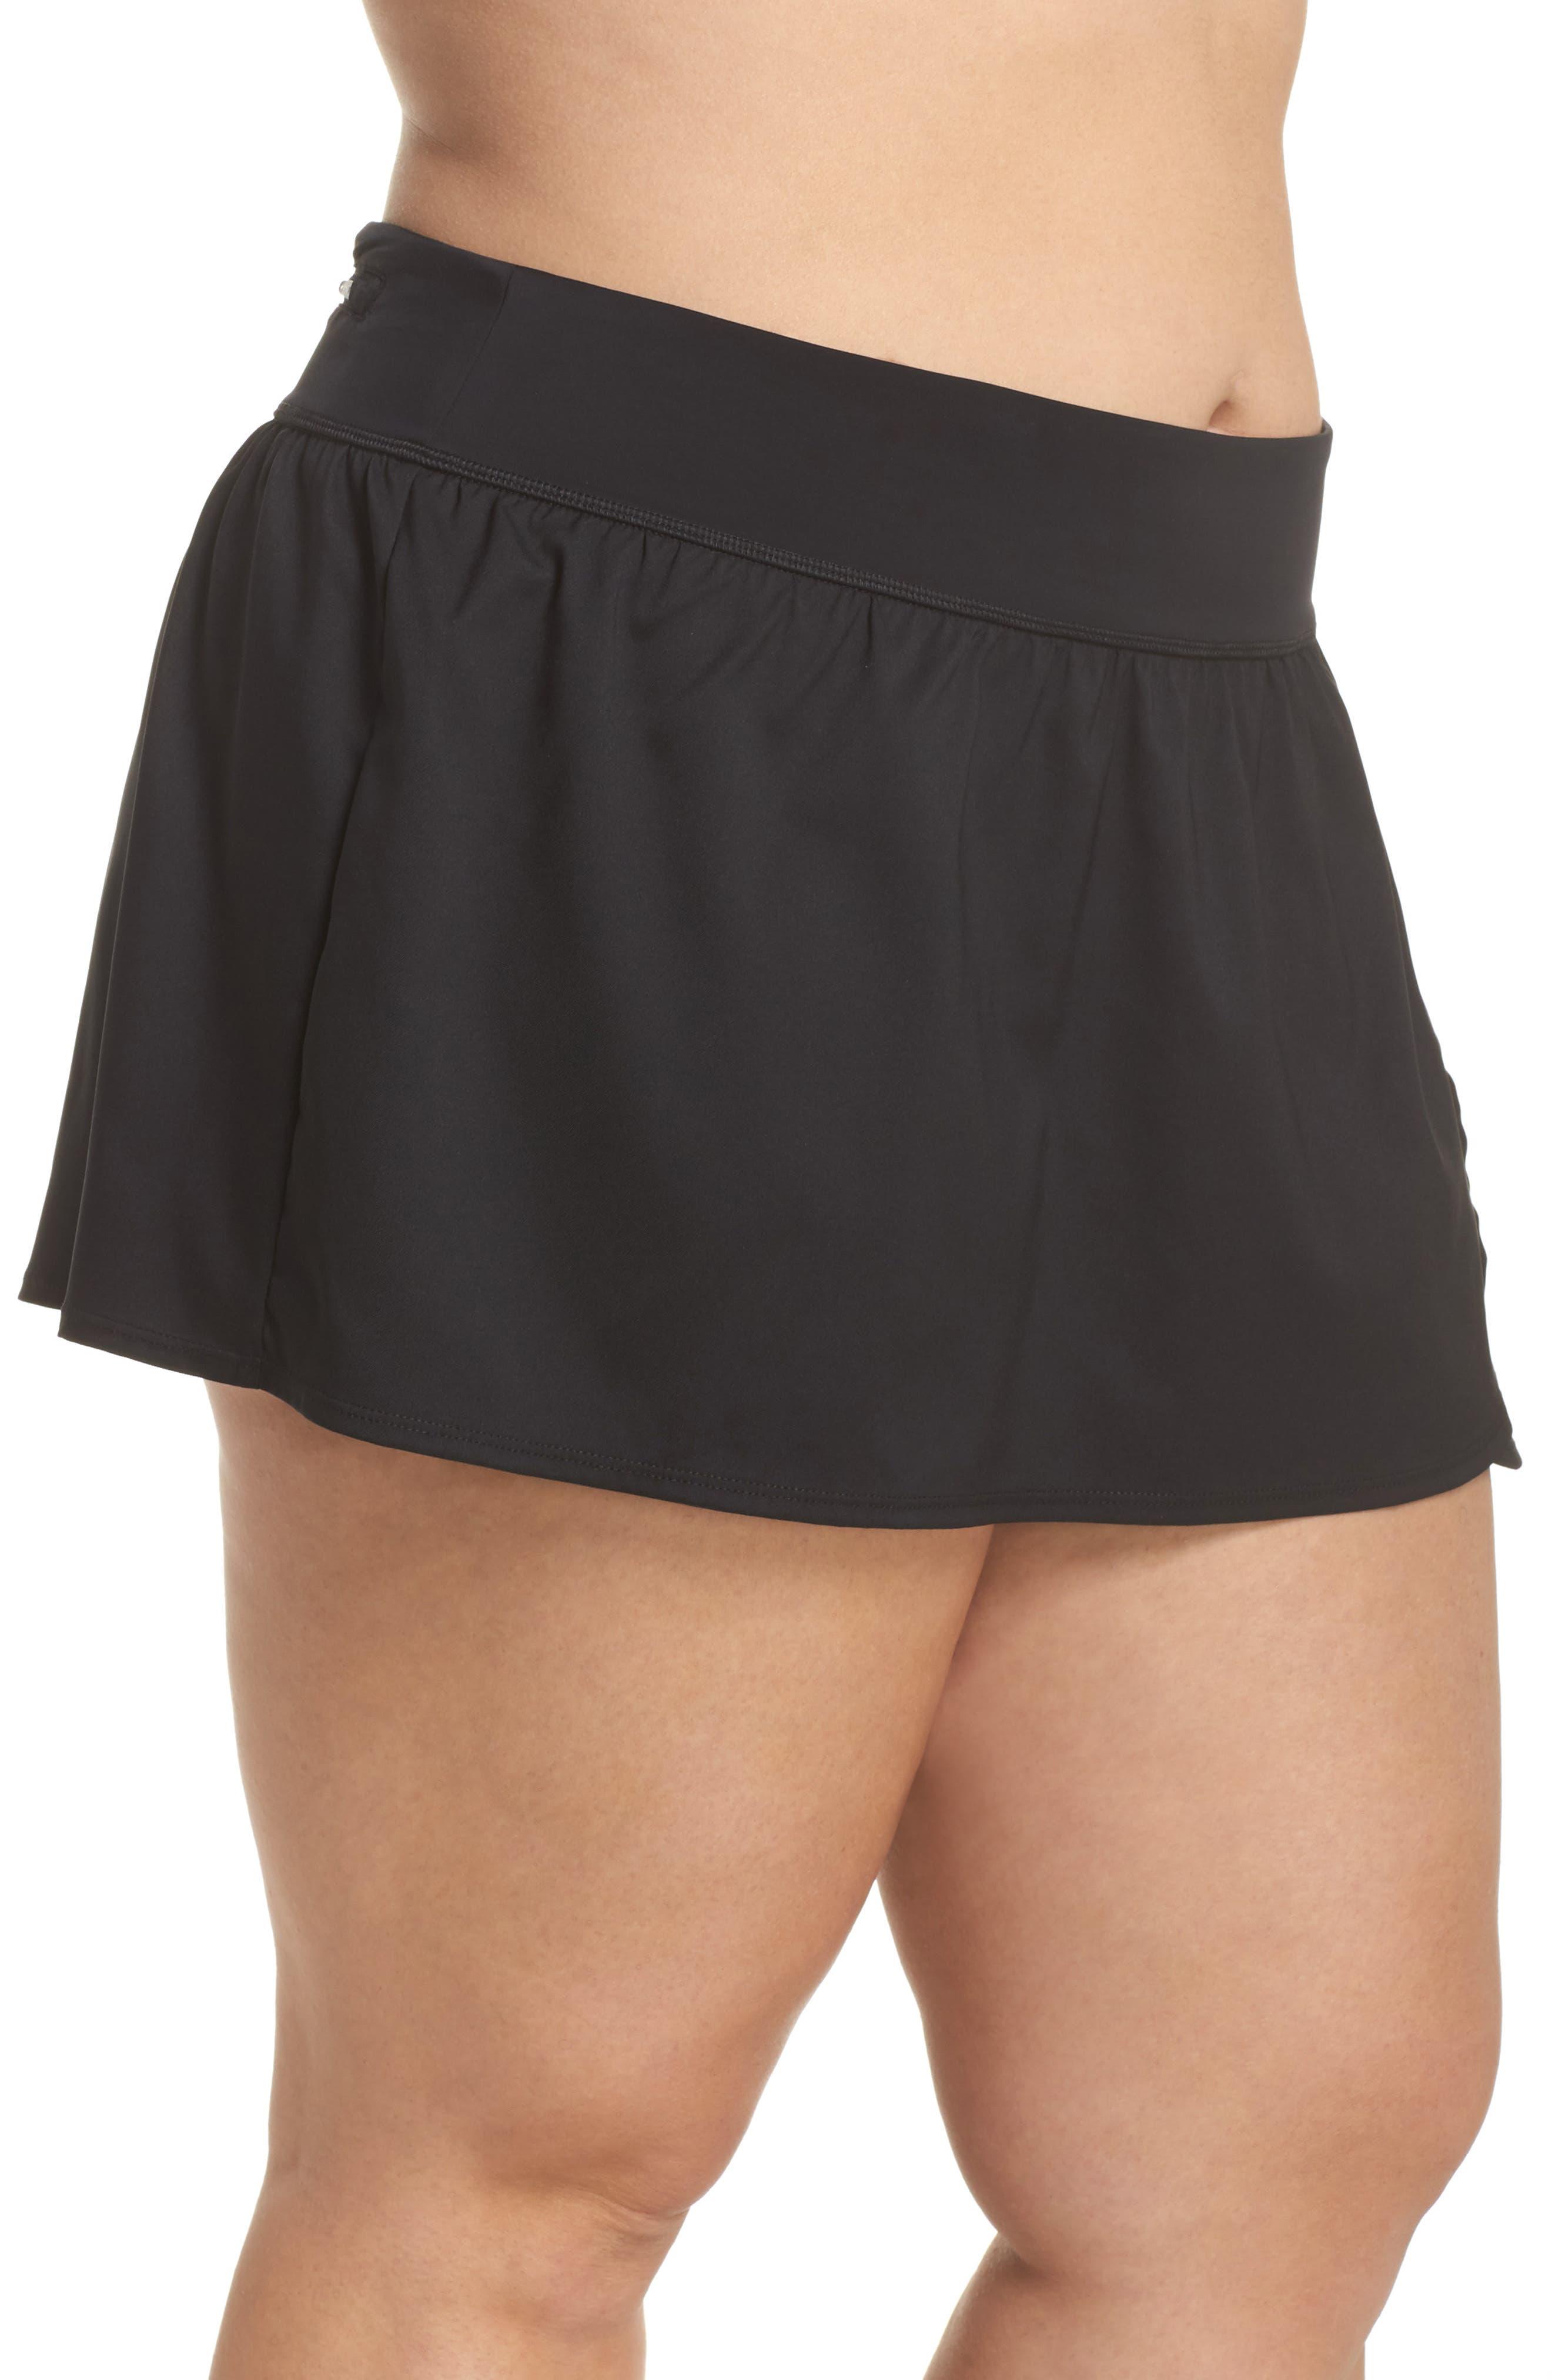 Swim Board Skirt,                             Alternate thumbnail 3, color,                             001